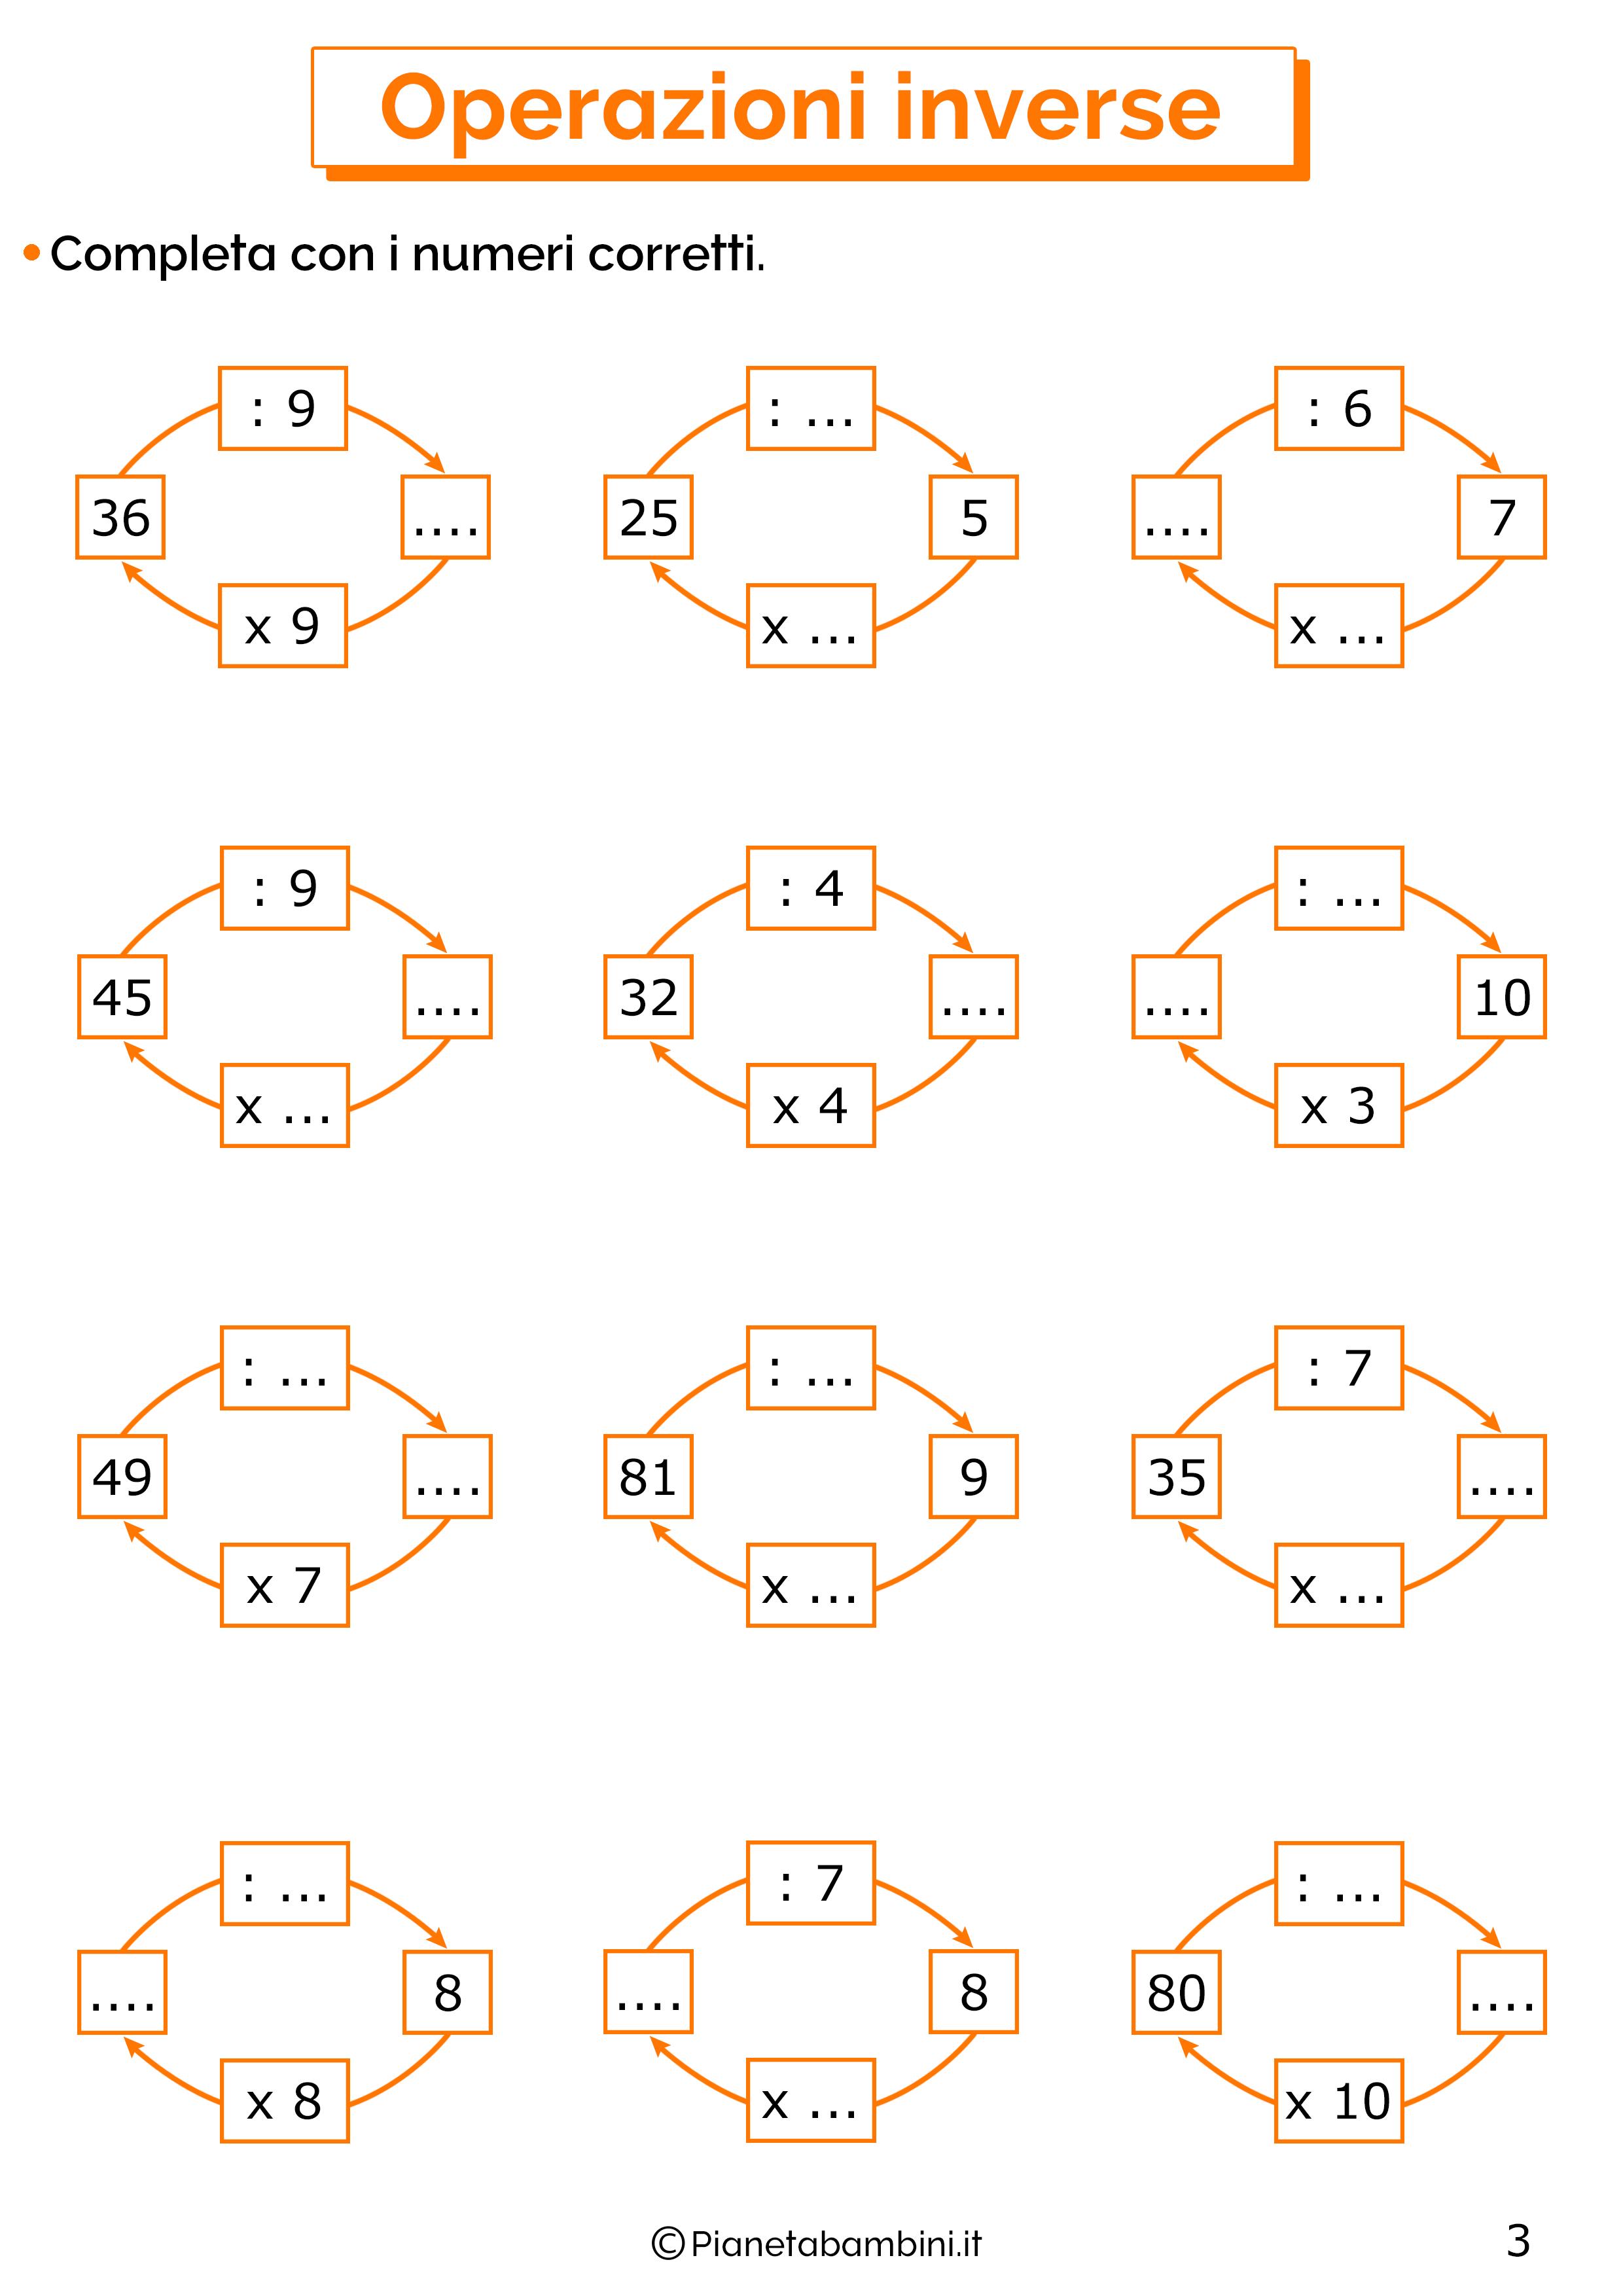 Esercizi sulle operazioni inverse di moltiplicazioni e divisioni 3